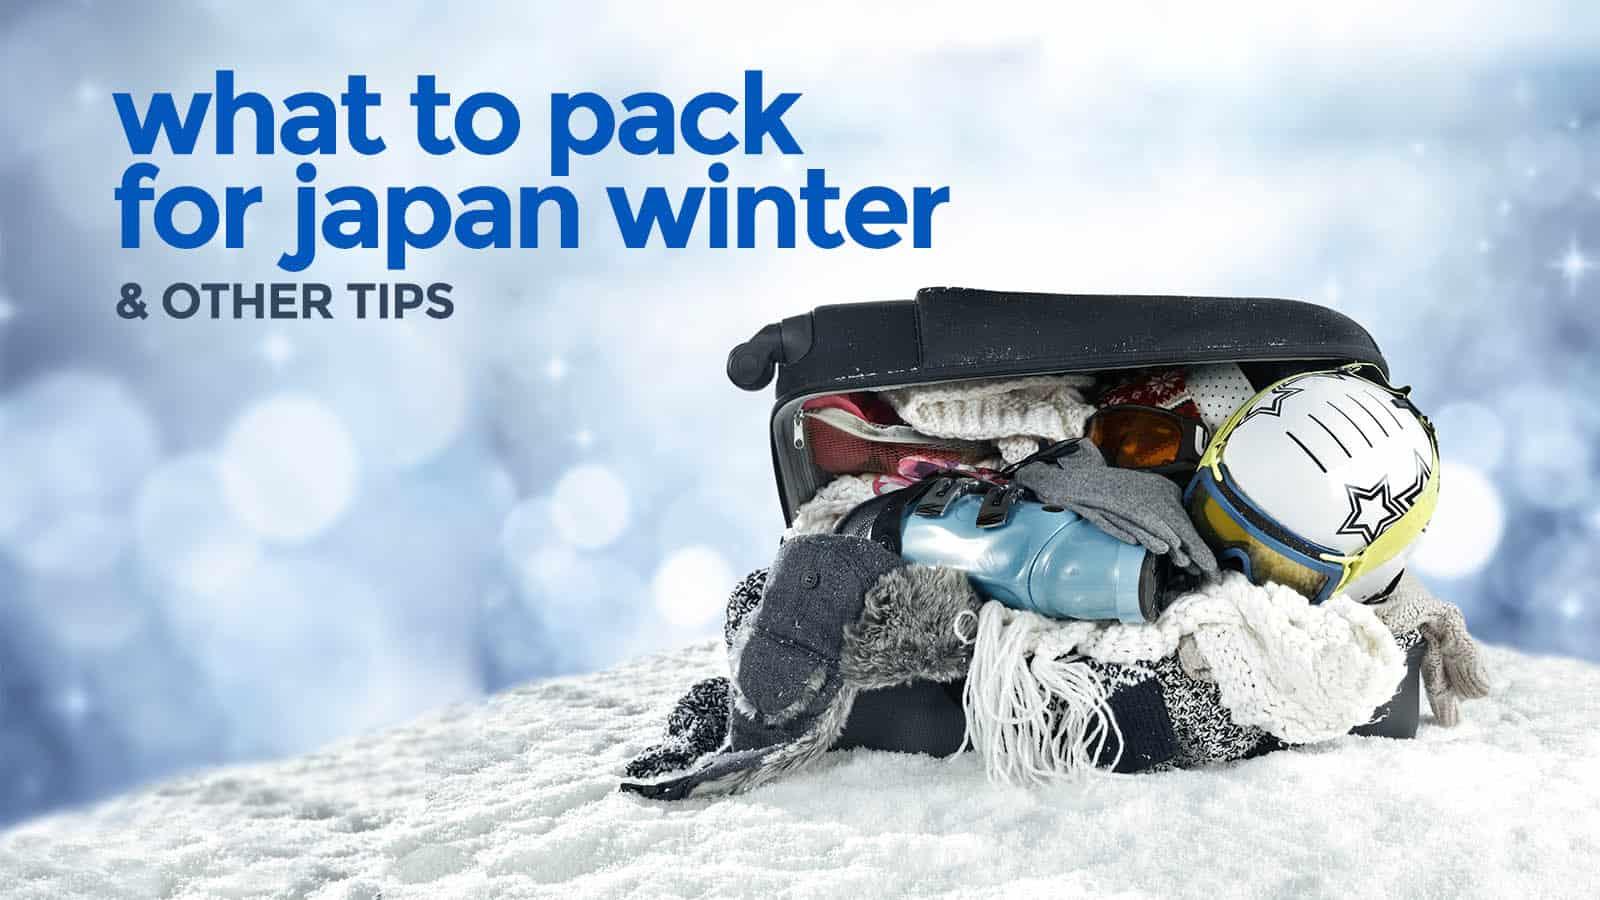 12个日本冬季旅游提示。带什么东西,去哪里买 穷游者的行程博客